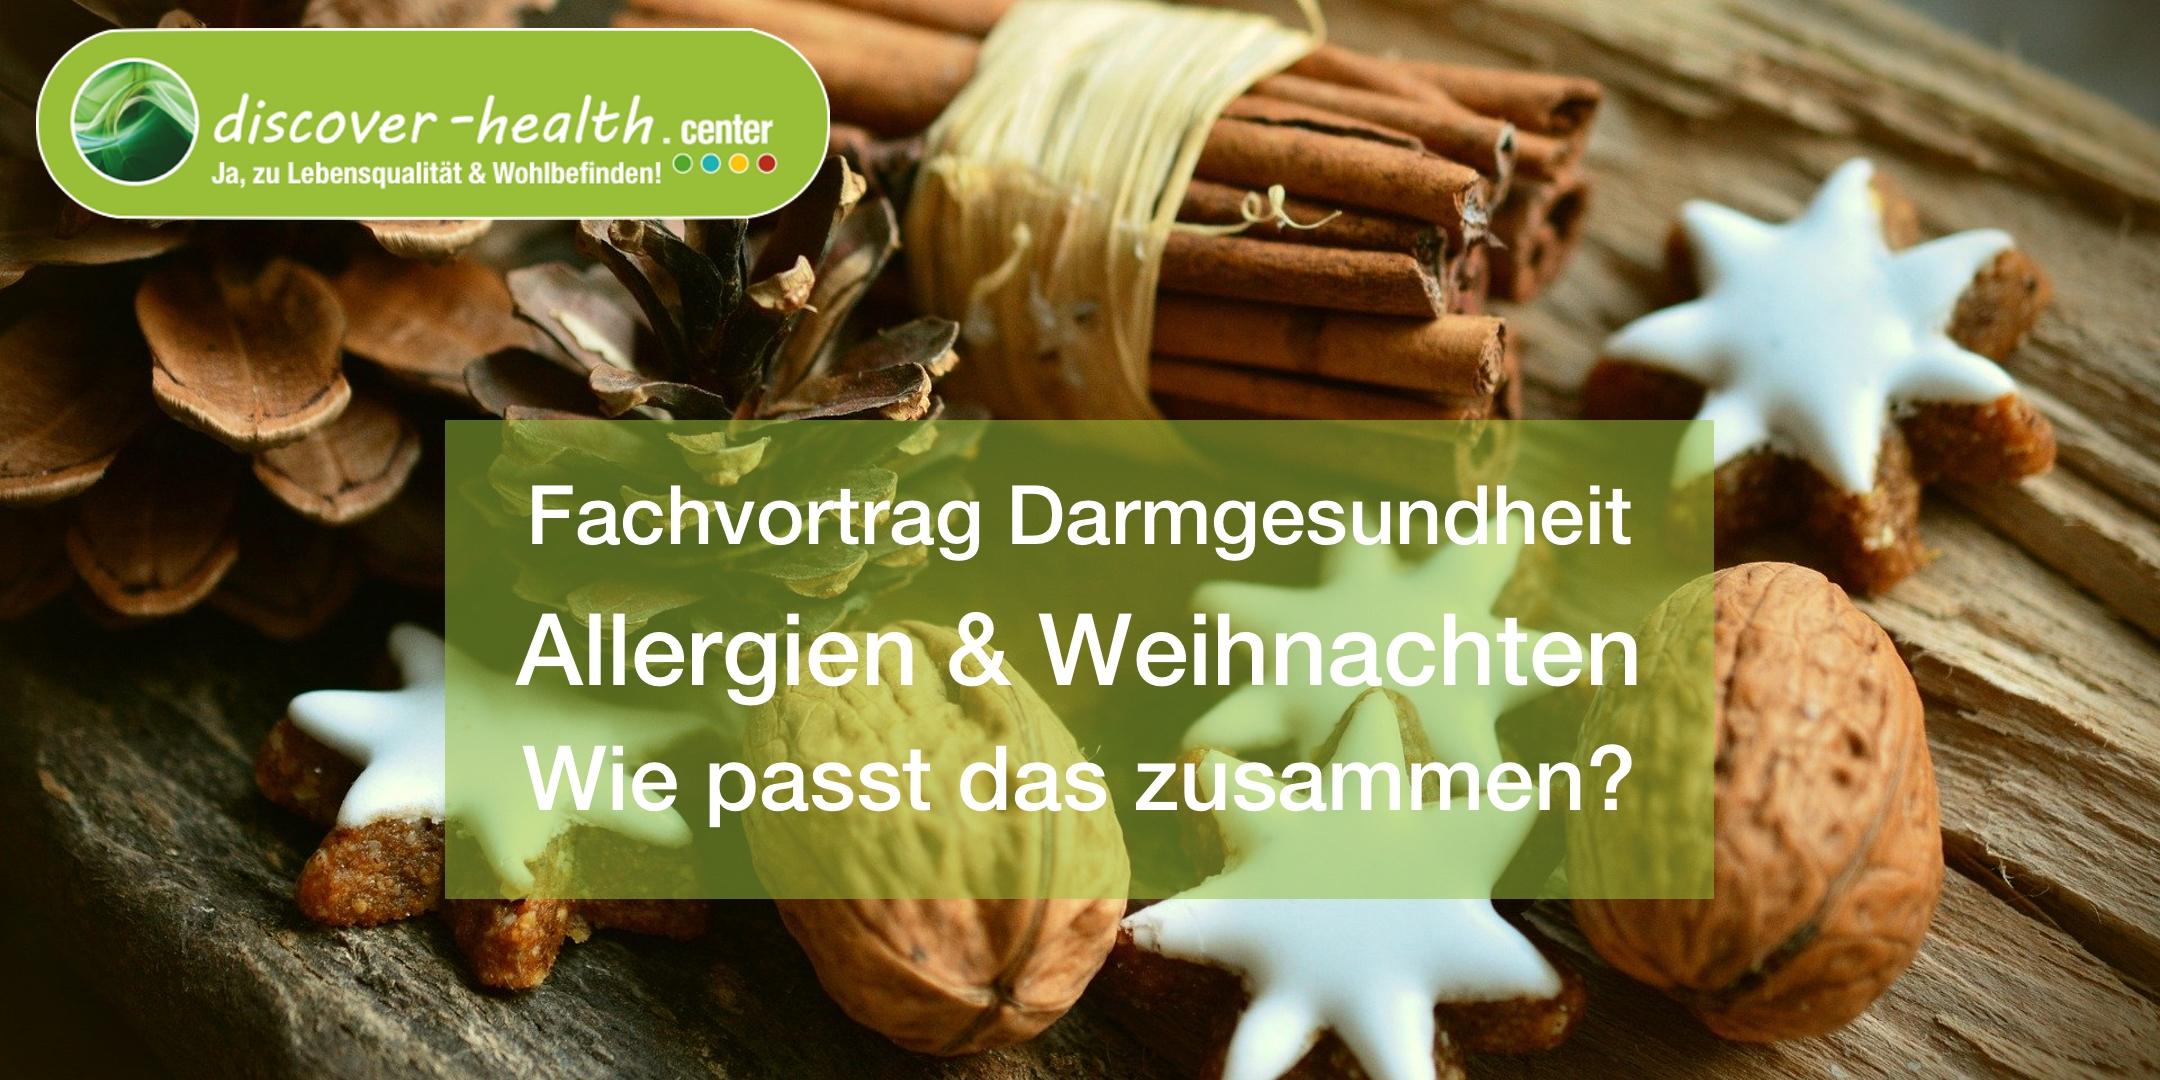 Darmgesundheit Allergien & Weihnachten